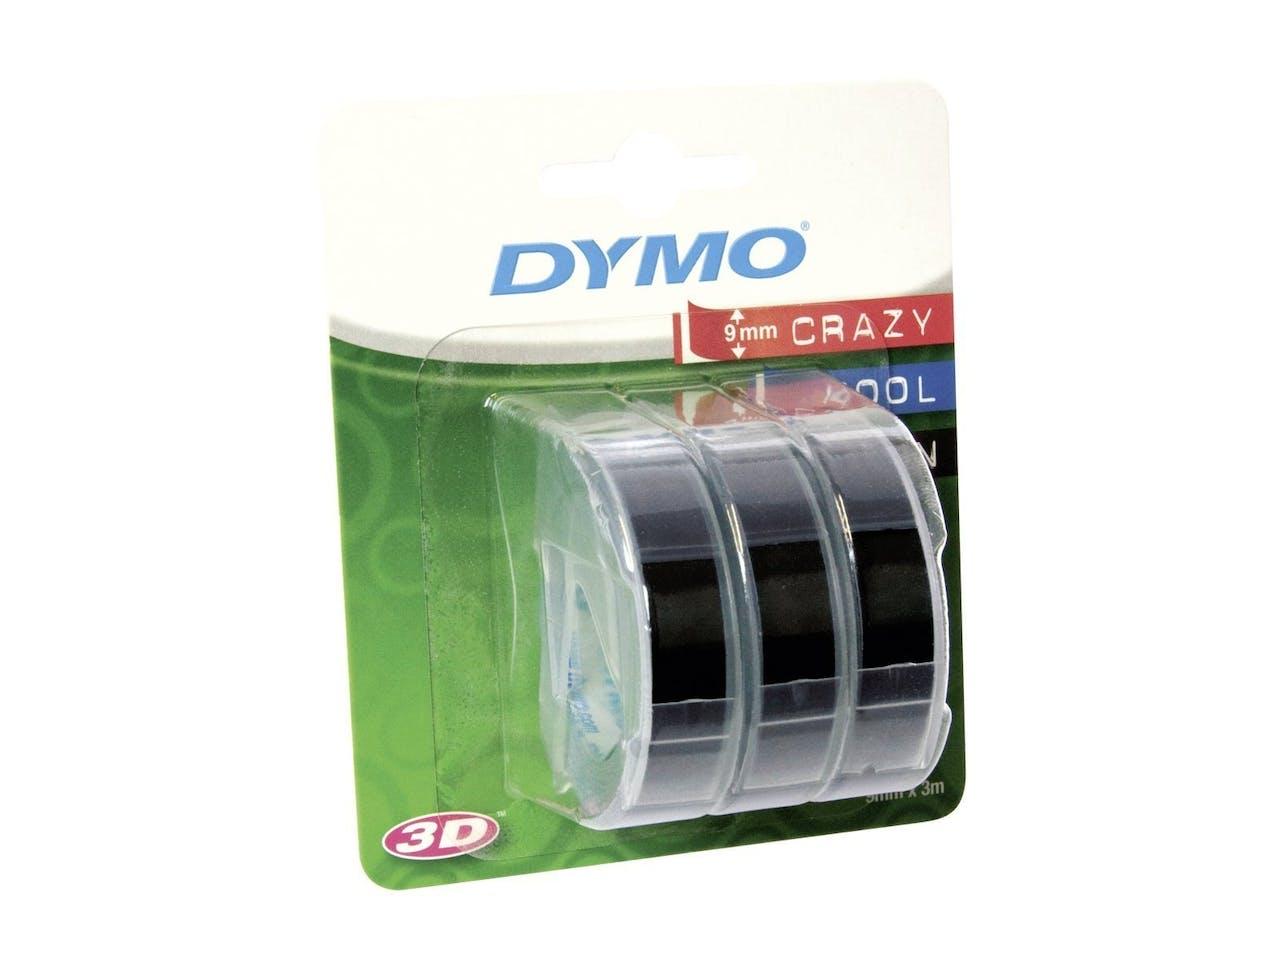 Dymo Prägebänder, Set, 3 Bänder, schwarz, je 3 Meter